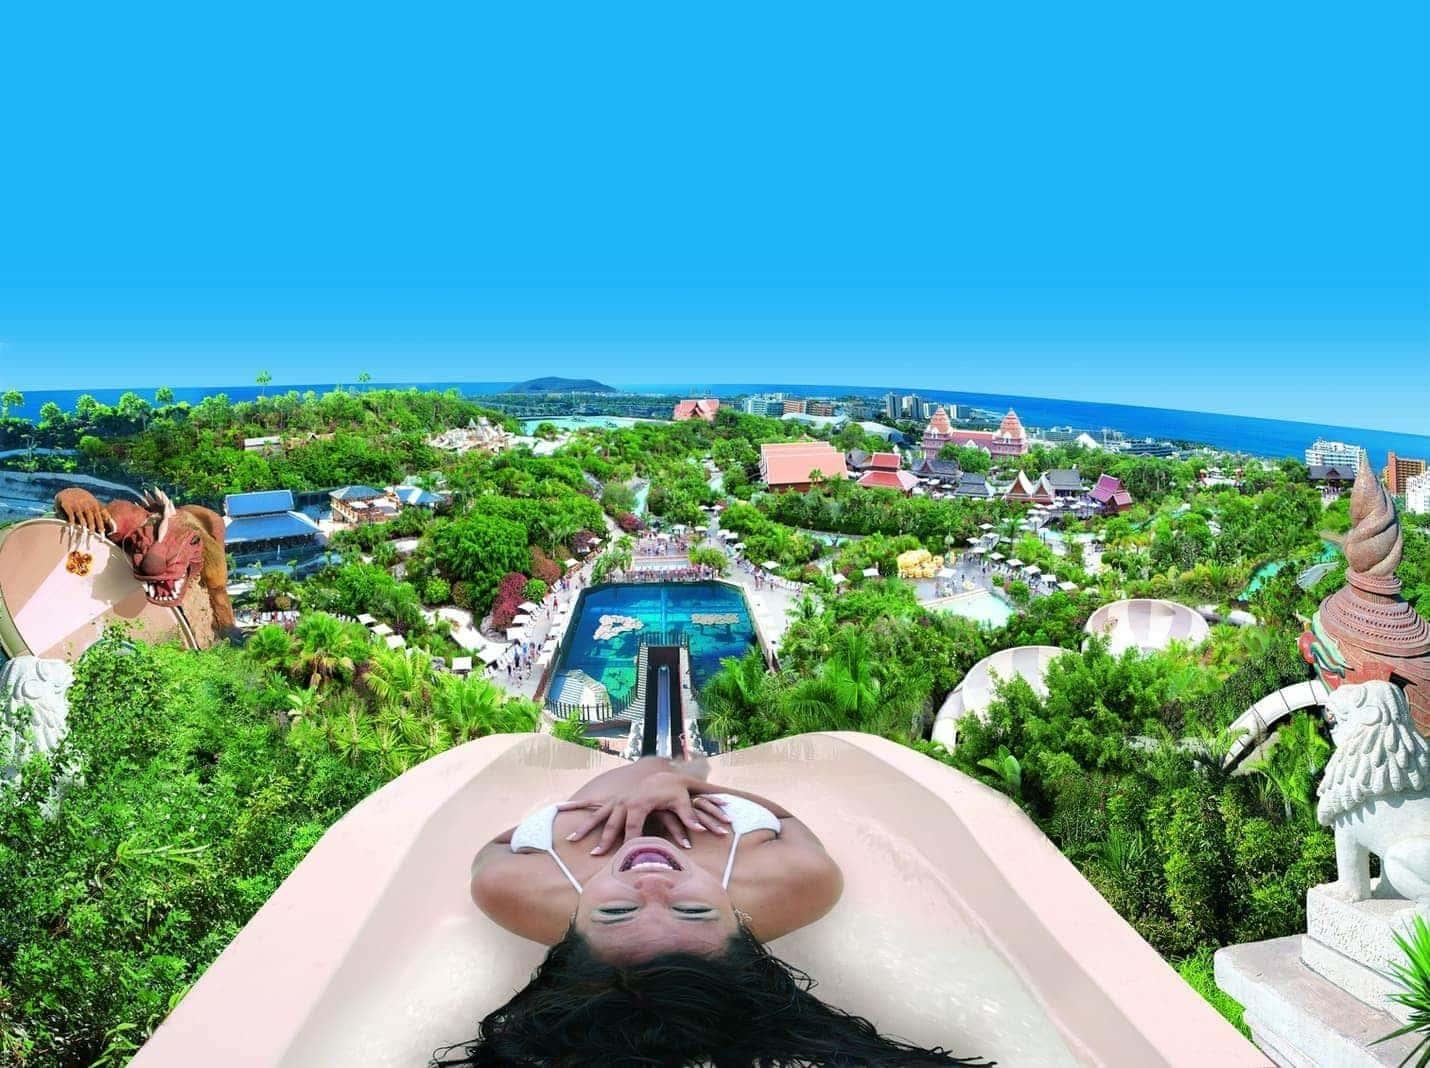 <p>Wasserparks bieten an heißen Tagen oder im Urlaub die perfekte Abkühlung für die ganze Familie. Wir stellen die zehn besten Wasserparks in Europa vor.</p> Foto: travelcircus